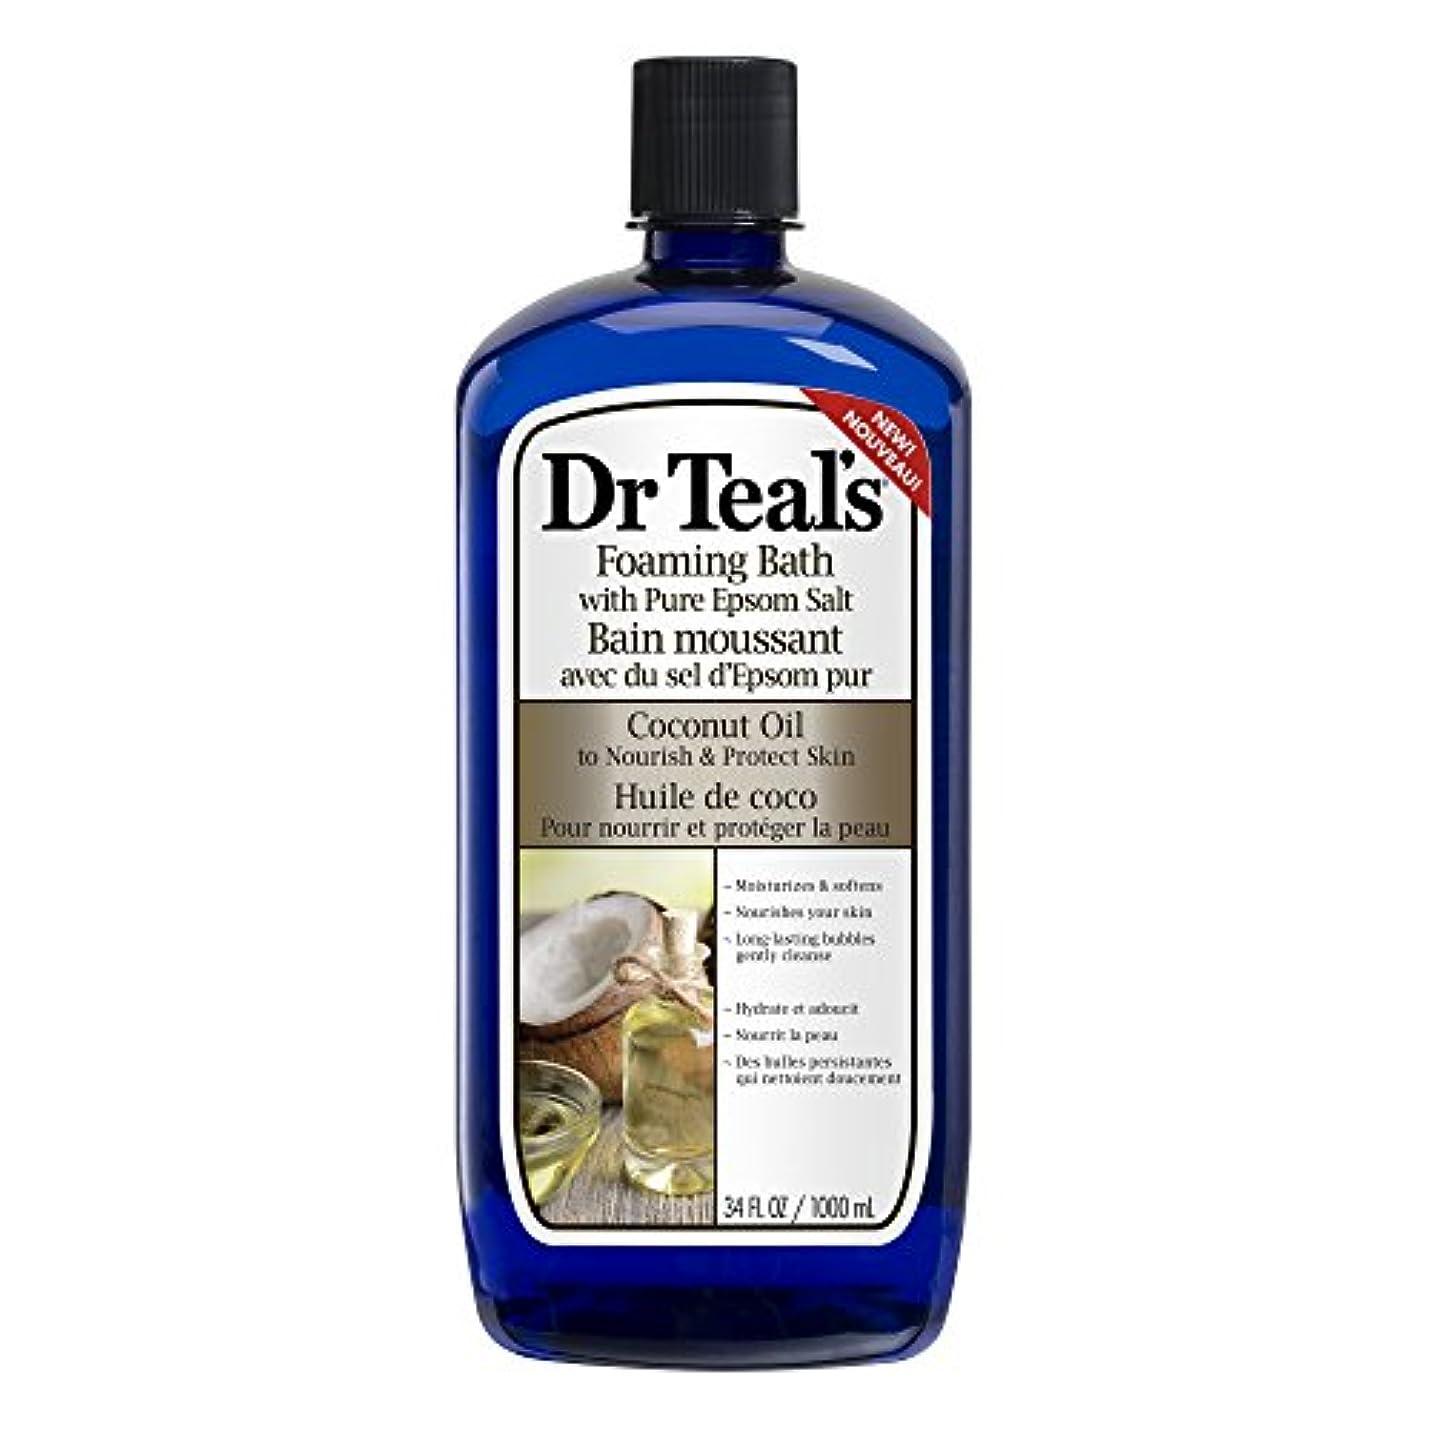 良さ恩赦出演者Dr Teal's 博士Tealsココナッツオイルフォーミングバス、34オンス